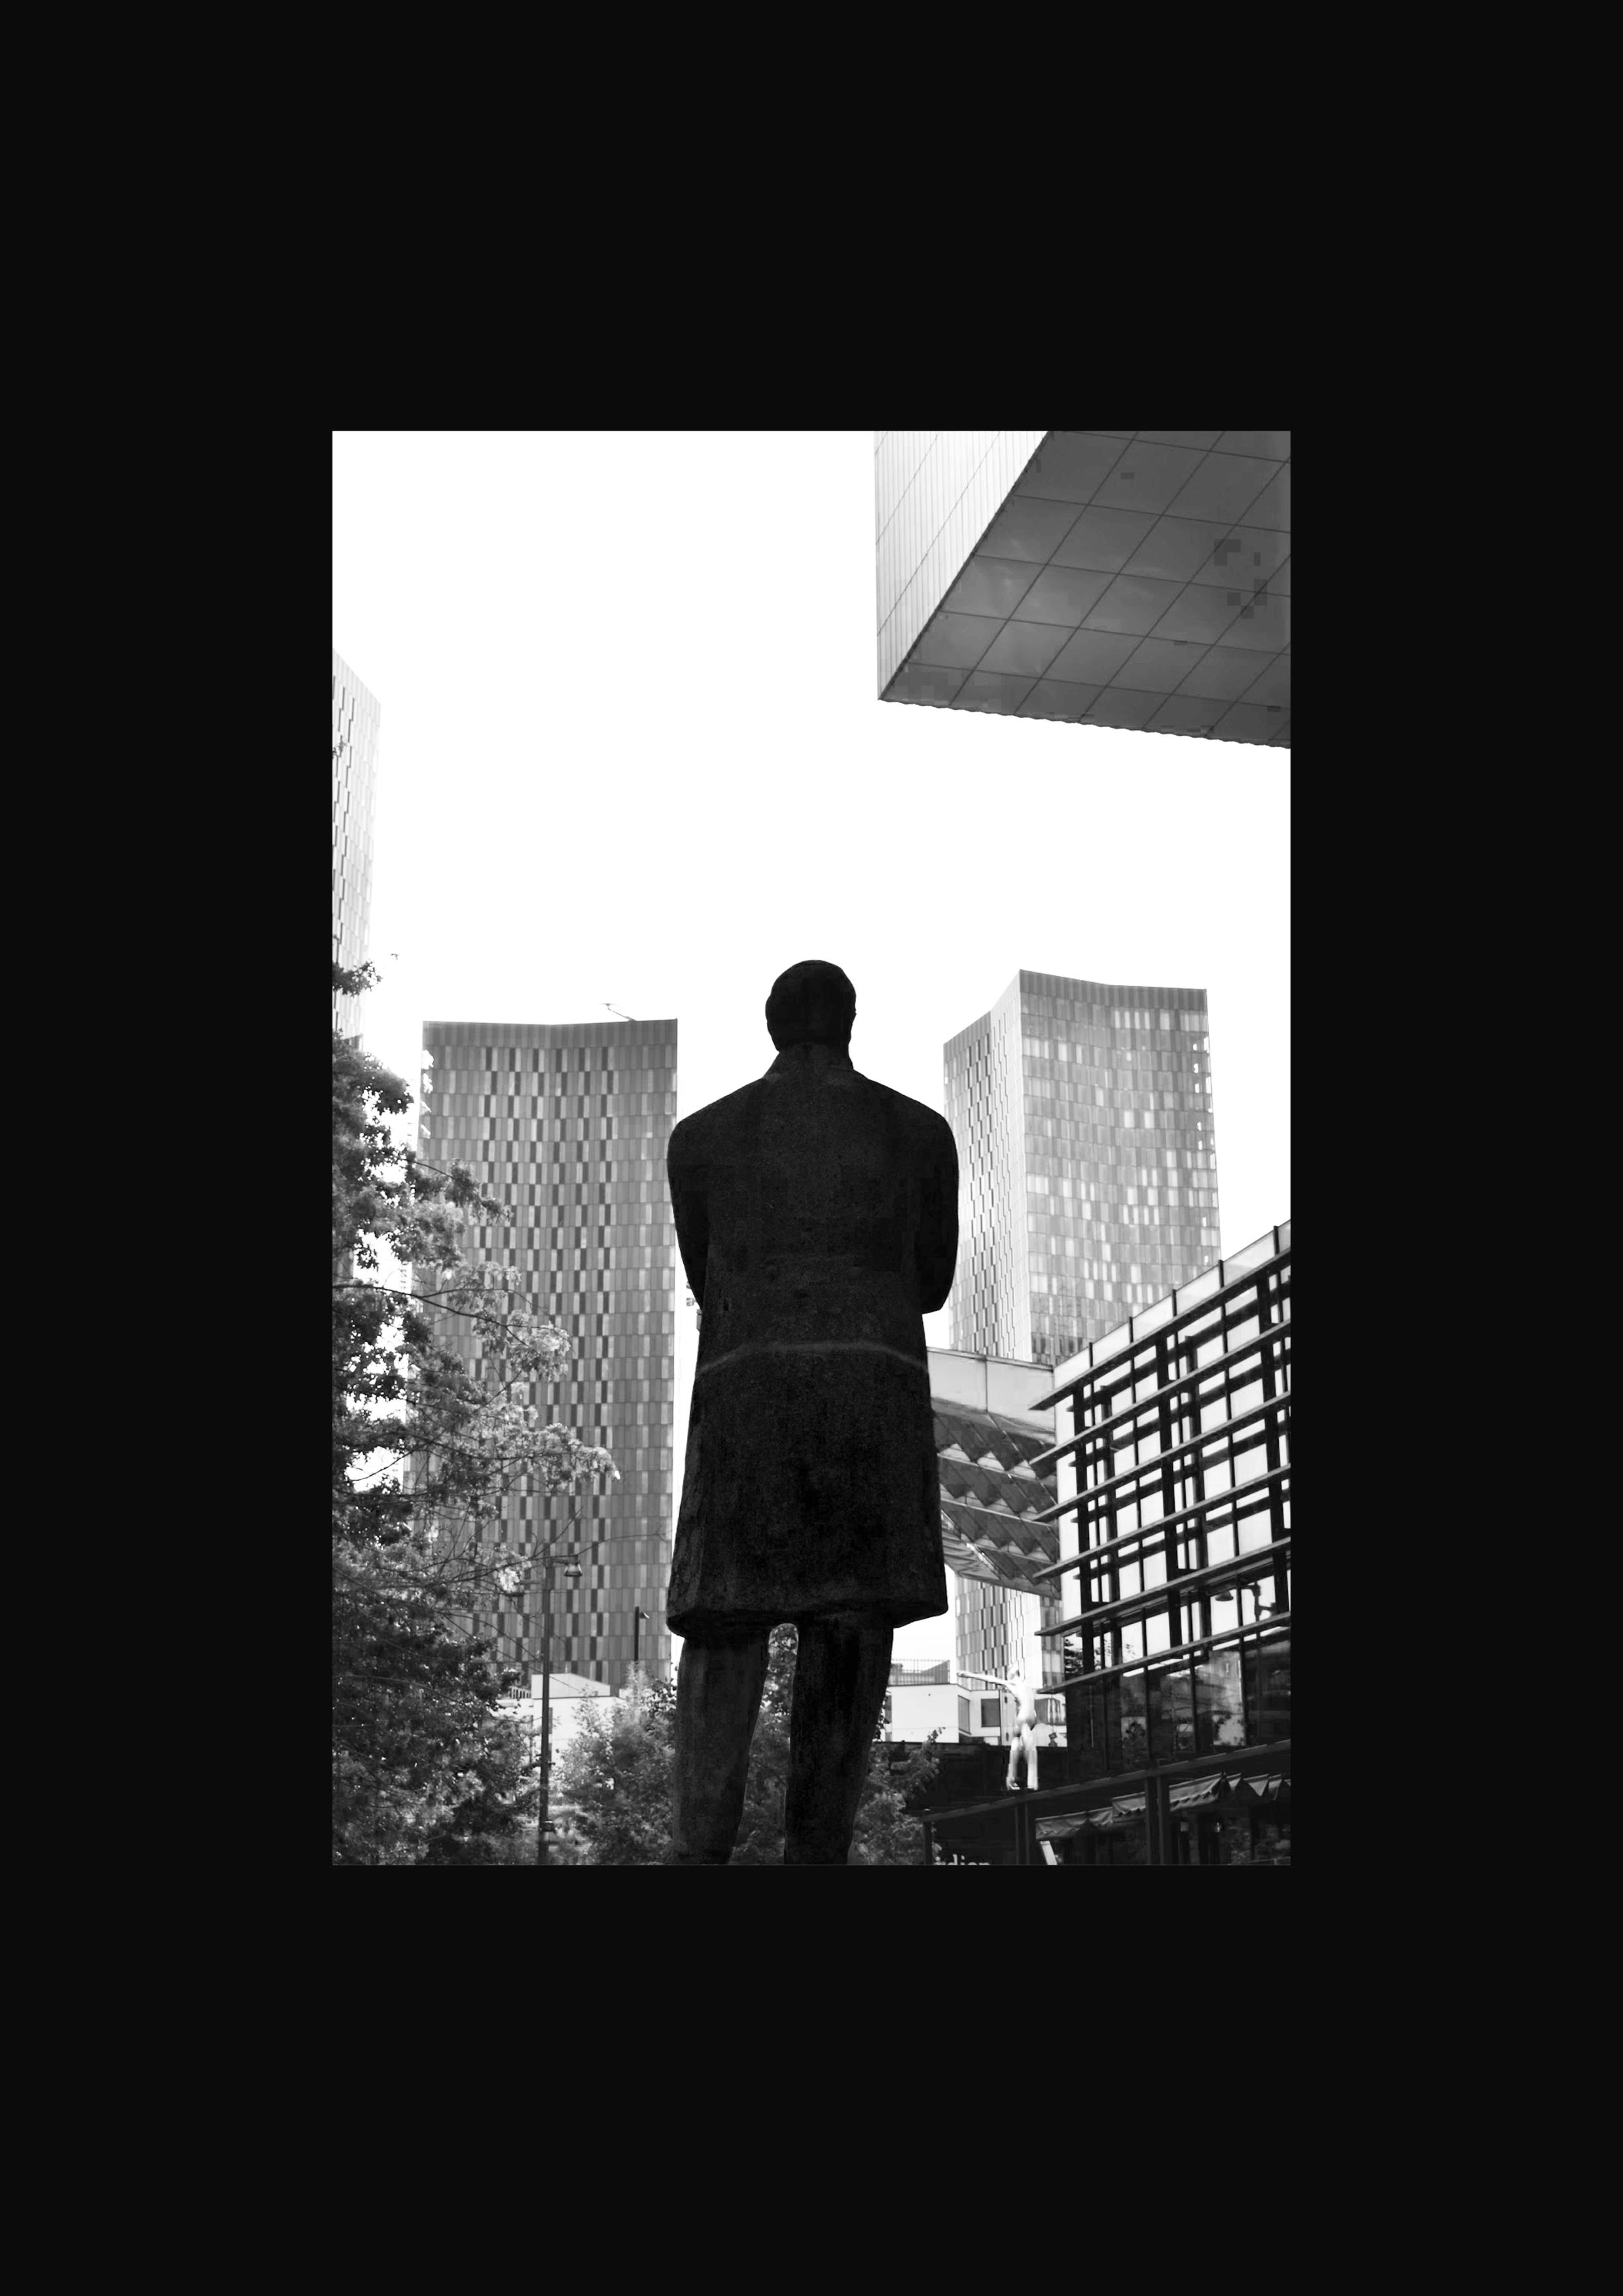 Black and white photograph on the theme of Manctopia taken in Deansgate by Nia Thomas. Manctopia.